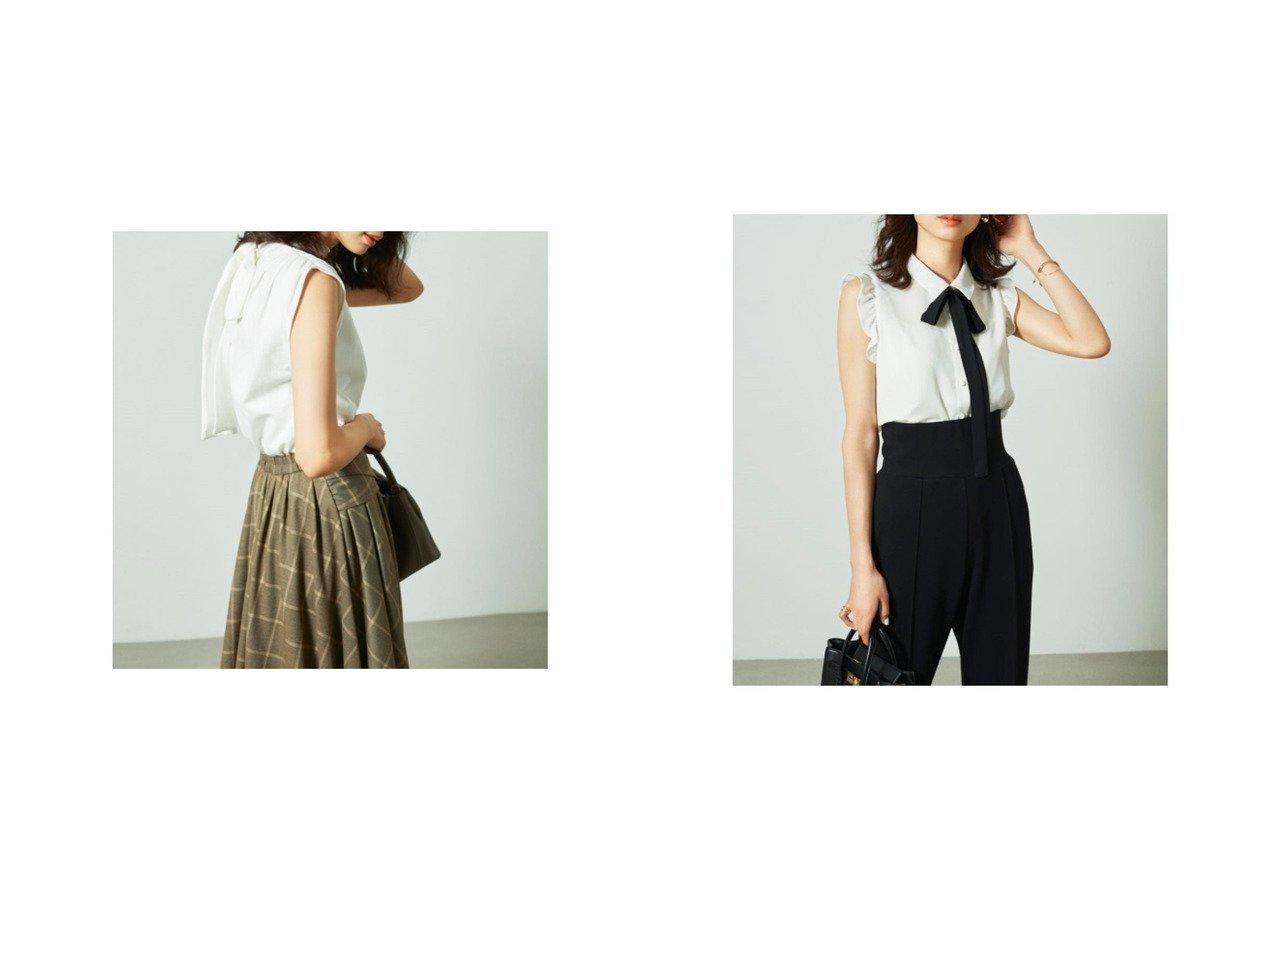 【SNIDEL/スナイデル】のORGANICSギャザーボリュームカットトップス&ボウタイフリルブラウス おすすめ!人気、トレンド・レディースファッションの通販 おすすめで人気の流行・トレンド、ファッションの通販商品 インテリア・家具・メンズファッション・キッズファッション・レディースファッション・服の通販 founy(ファニー) https://founy.com/ ファッション Fashion レディースファッション WOMEN トップス・カットソー Tops/Tshirt シャツ/ブラウス Shirts/Blouses イエロー カットソー ギャザー コンパクト スマート ドレープ ハイネック リボン A/W・秋冬 AW・Autumn/Winter・FW・Fall-Winter 2021年 2021 2021-2022秋冬・A/W AW・Autumn/Winter・FW・Fall-Winter・2021-2022  ID:crp329100000055395